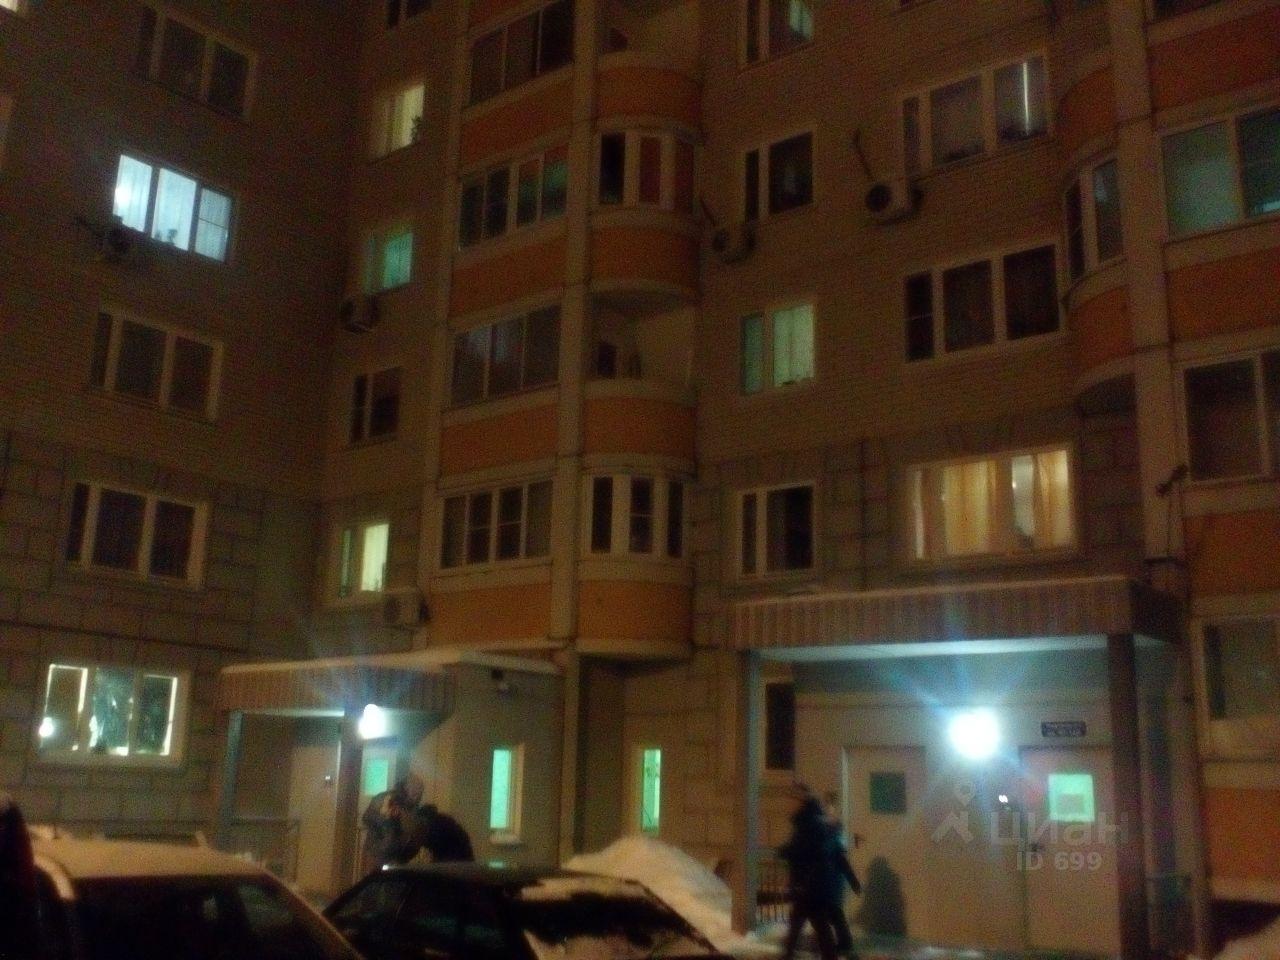 продаю трехкомнатную квартиру Ленинский район, деревня Дрожжино, шоссе Новое, д. 9к1